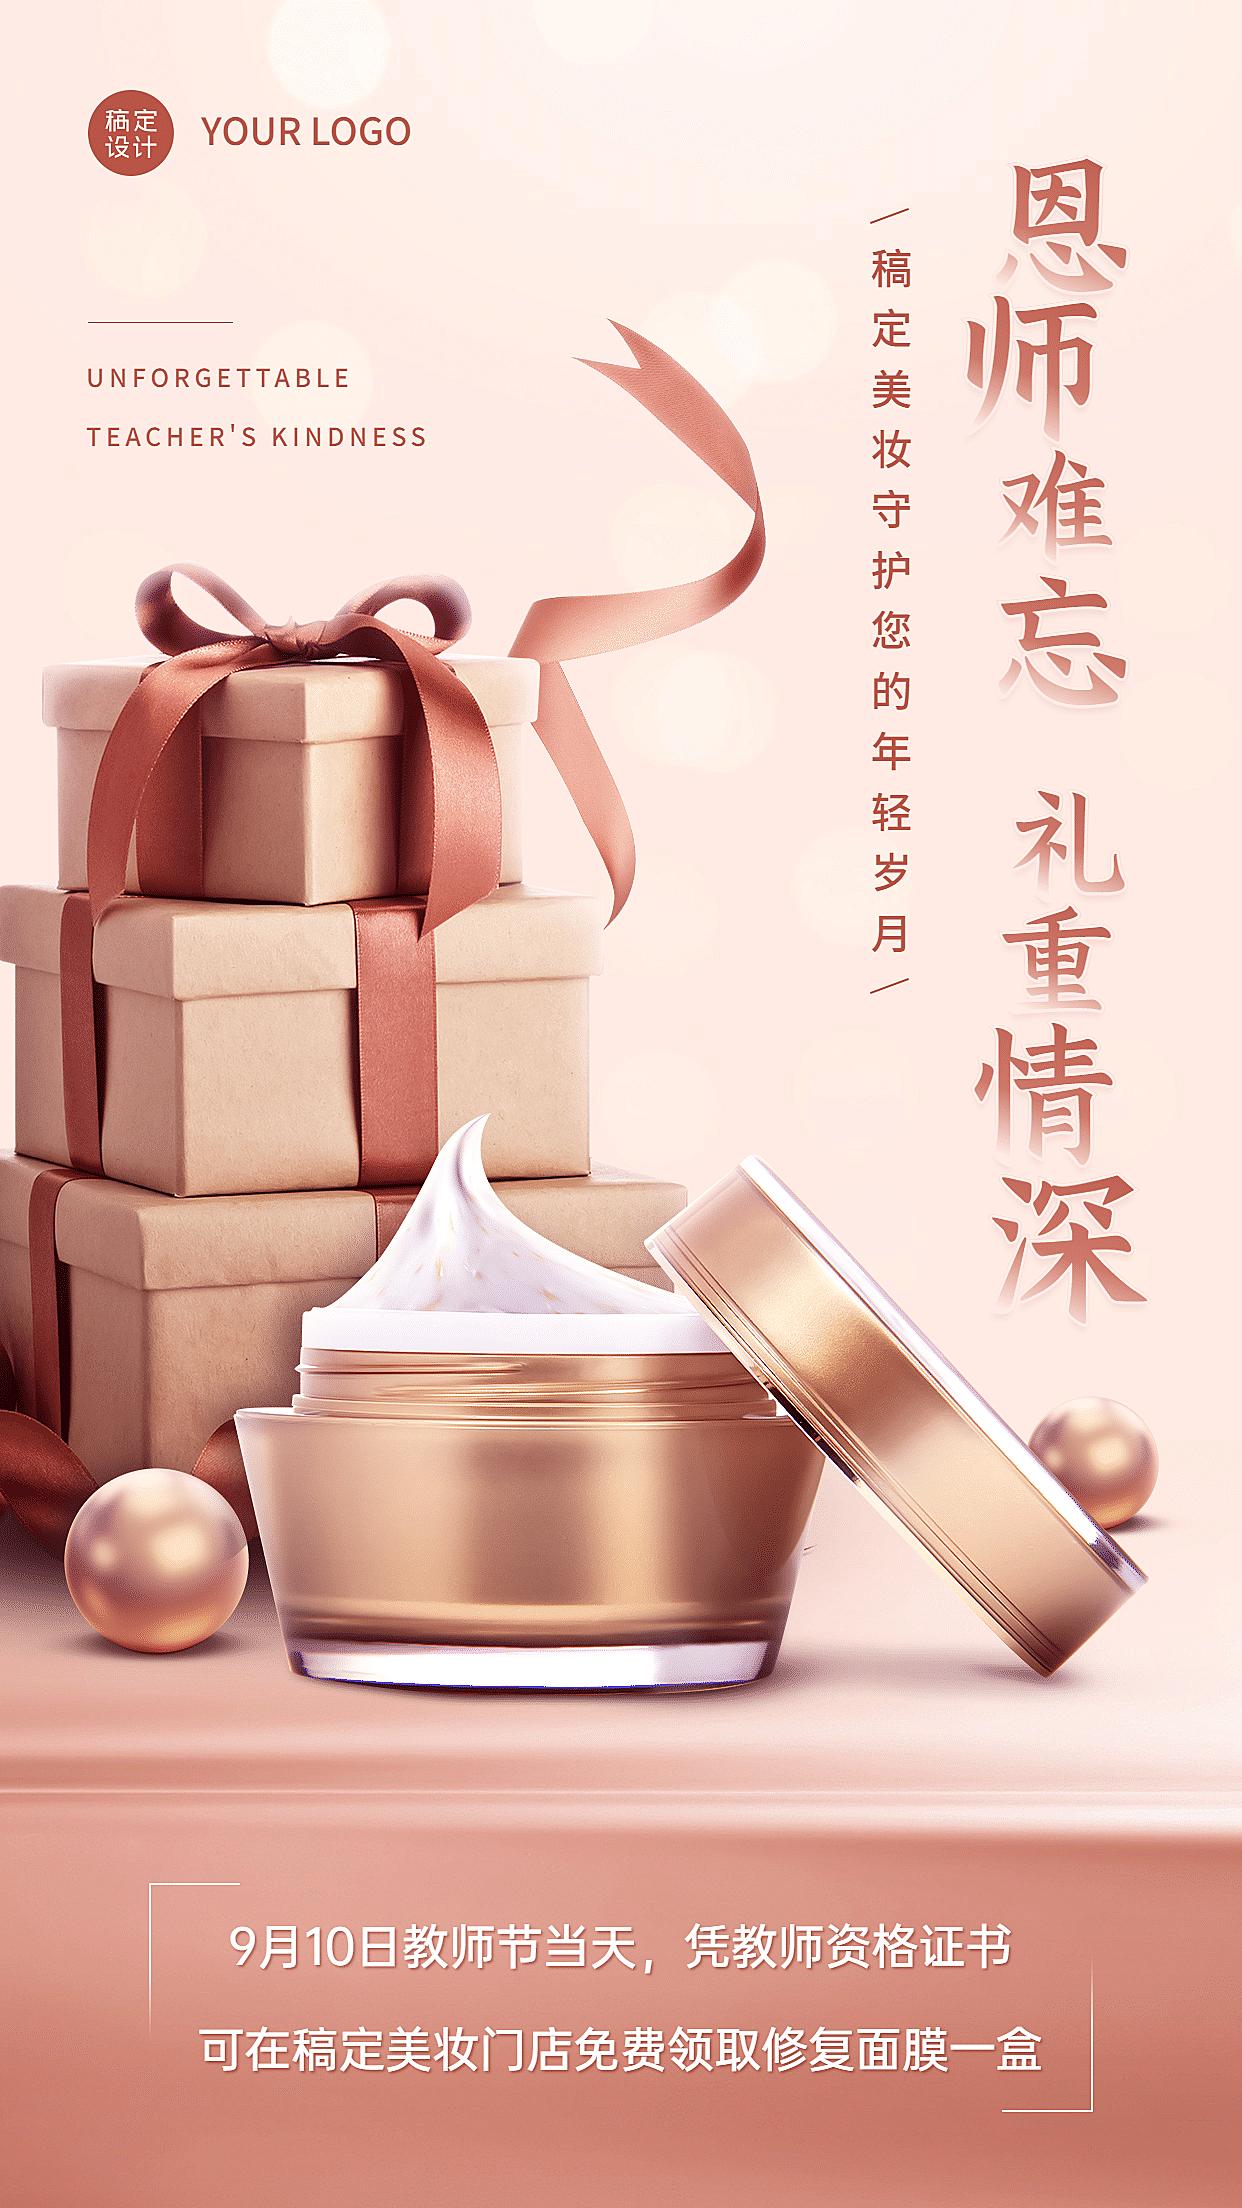 教师节产品营销美妆促销手机海报